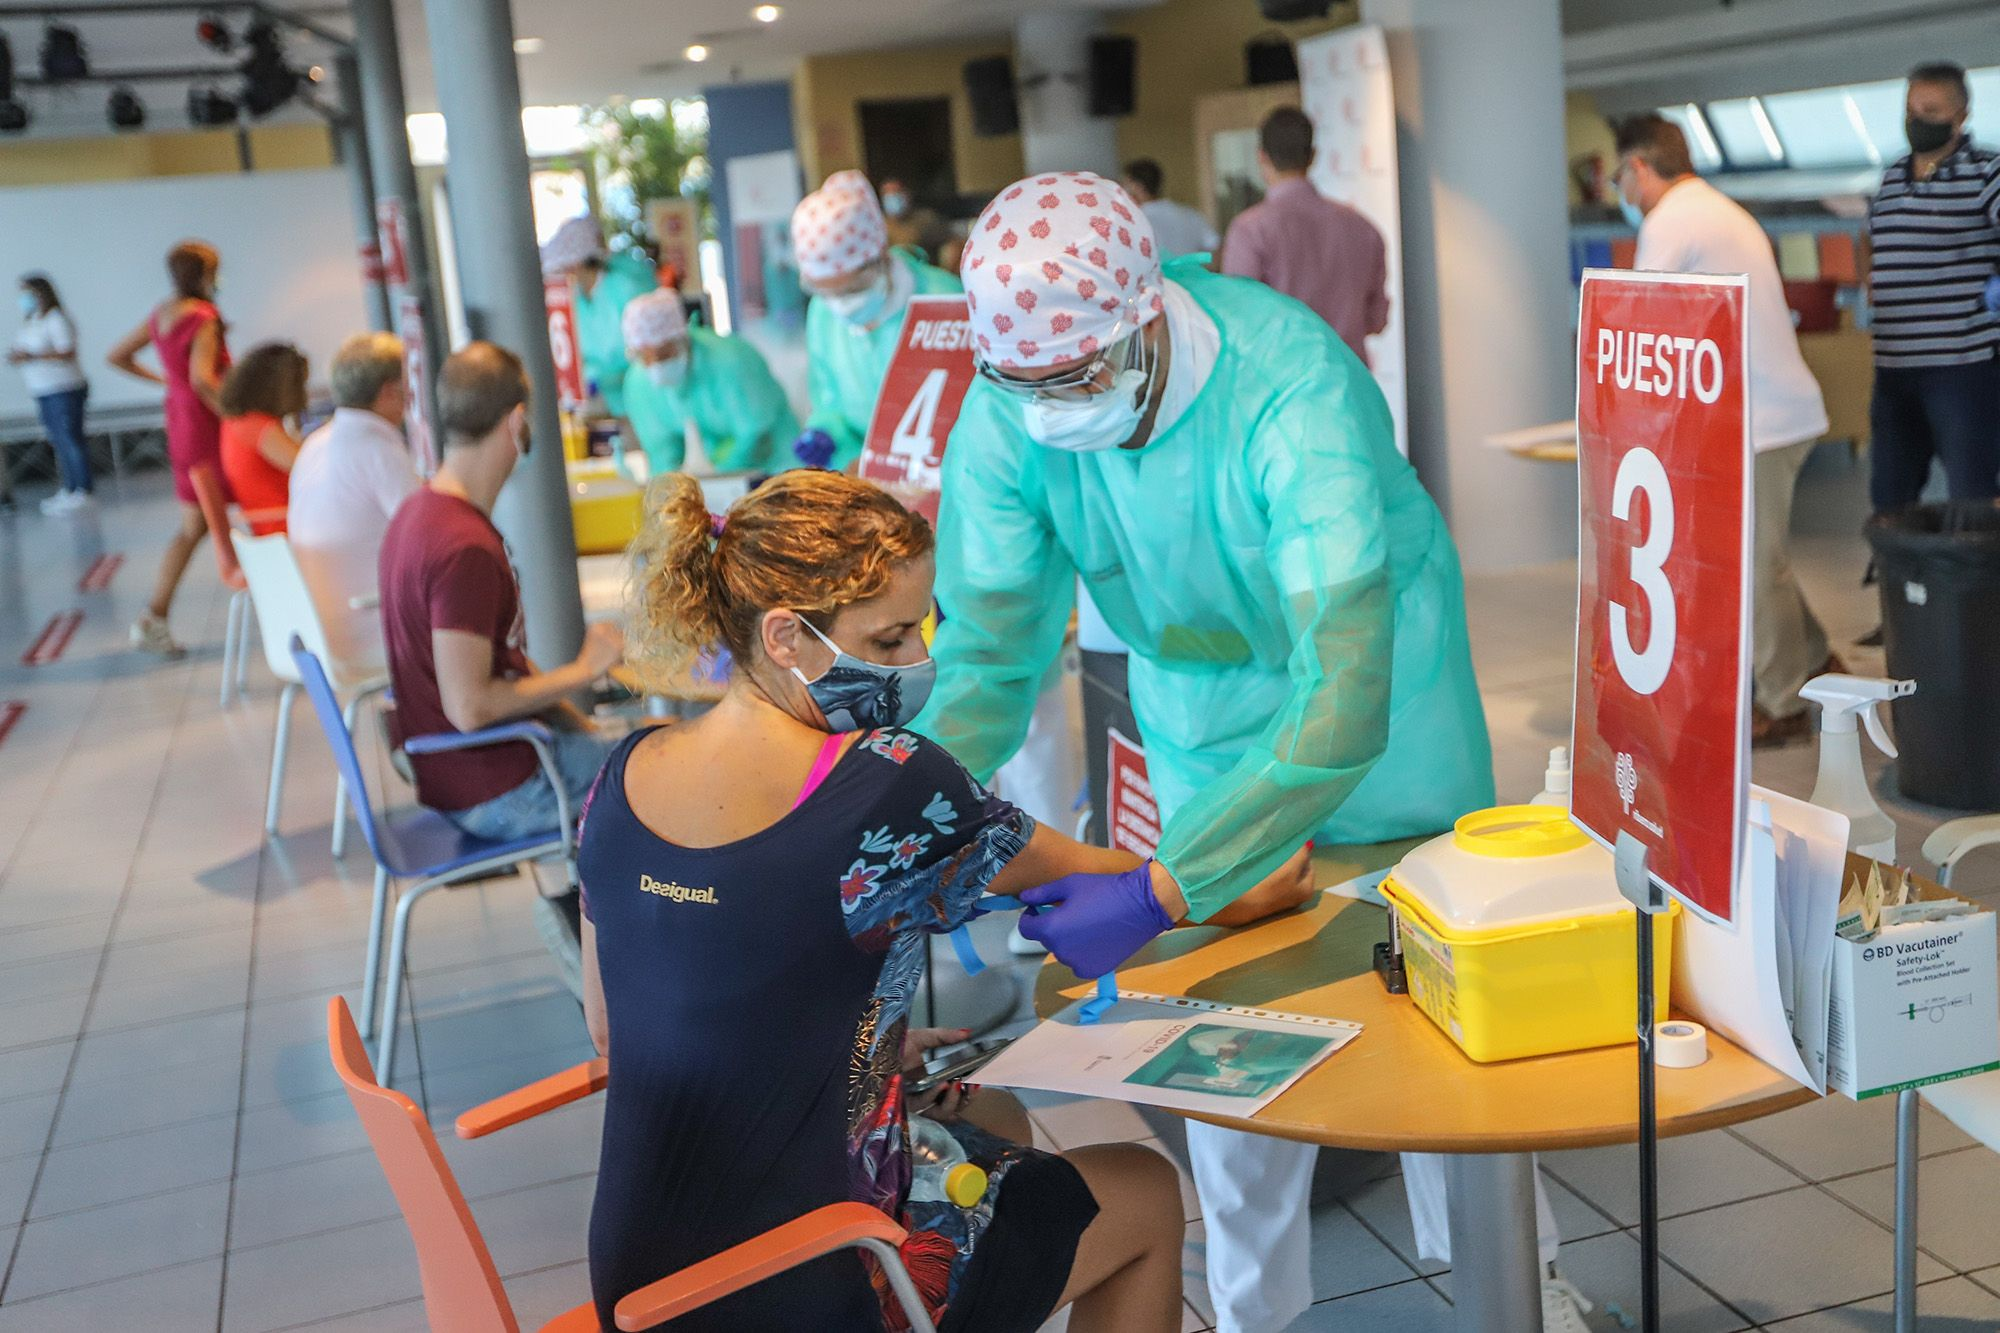 Torrevieja realiza test rápidos de covid a 1.500 profesores y personal no docente de todos sus centros educativos tras la polémica con la Generalitat